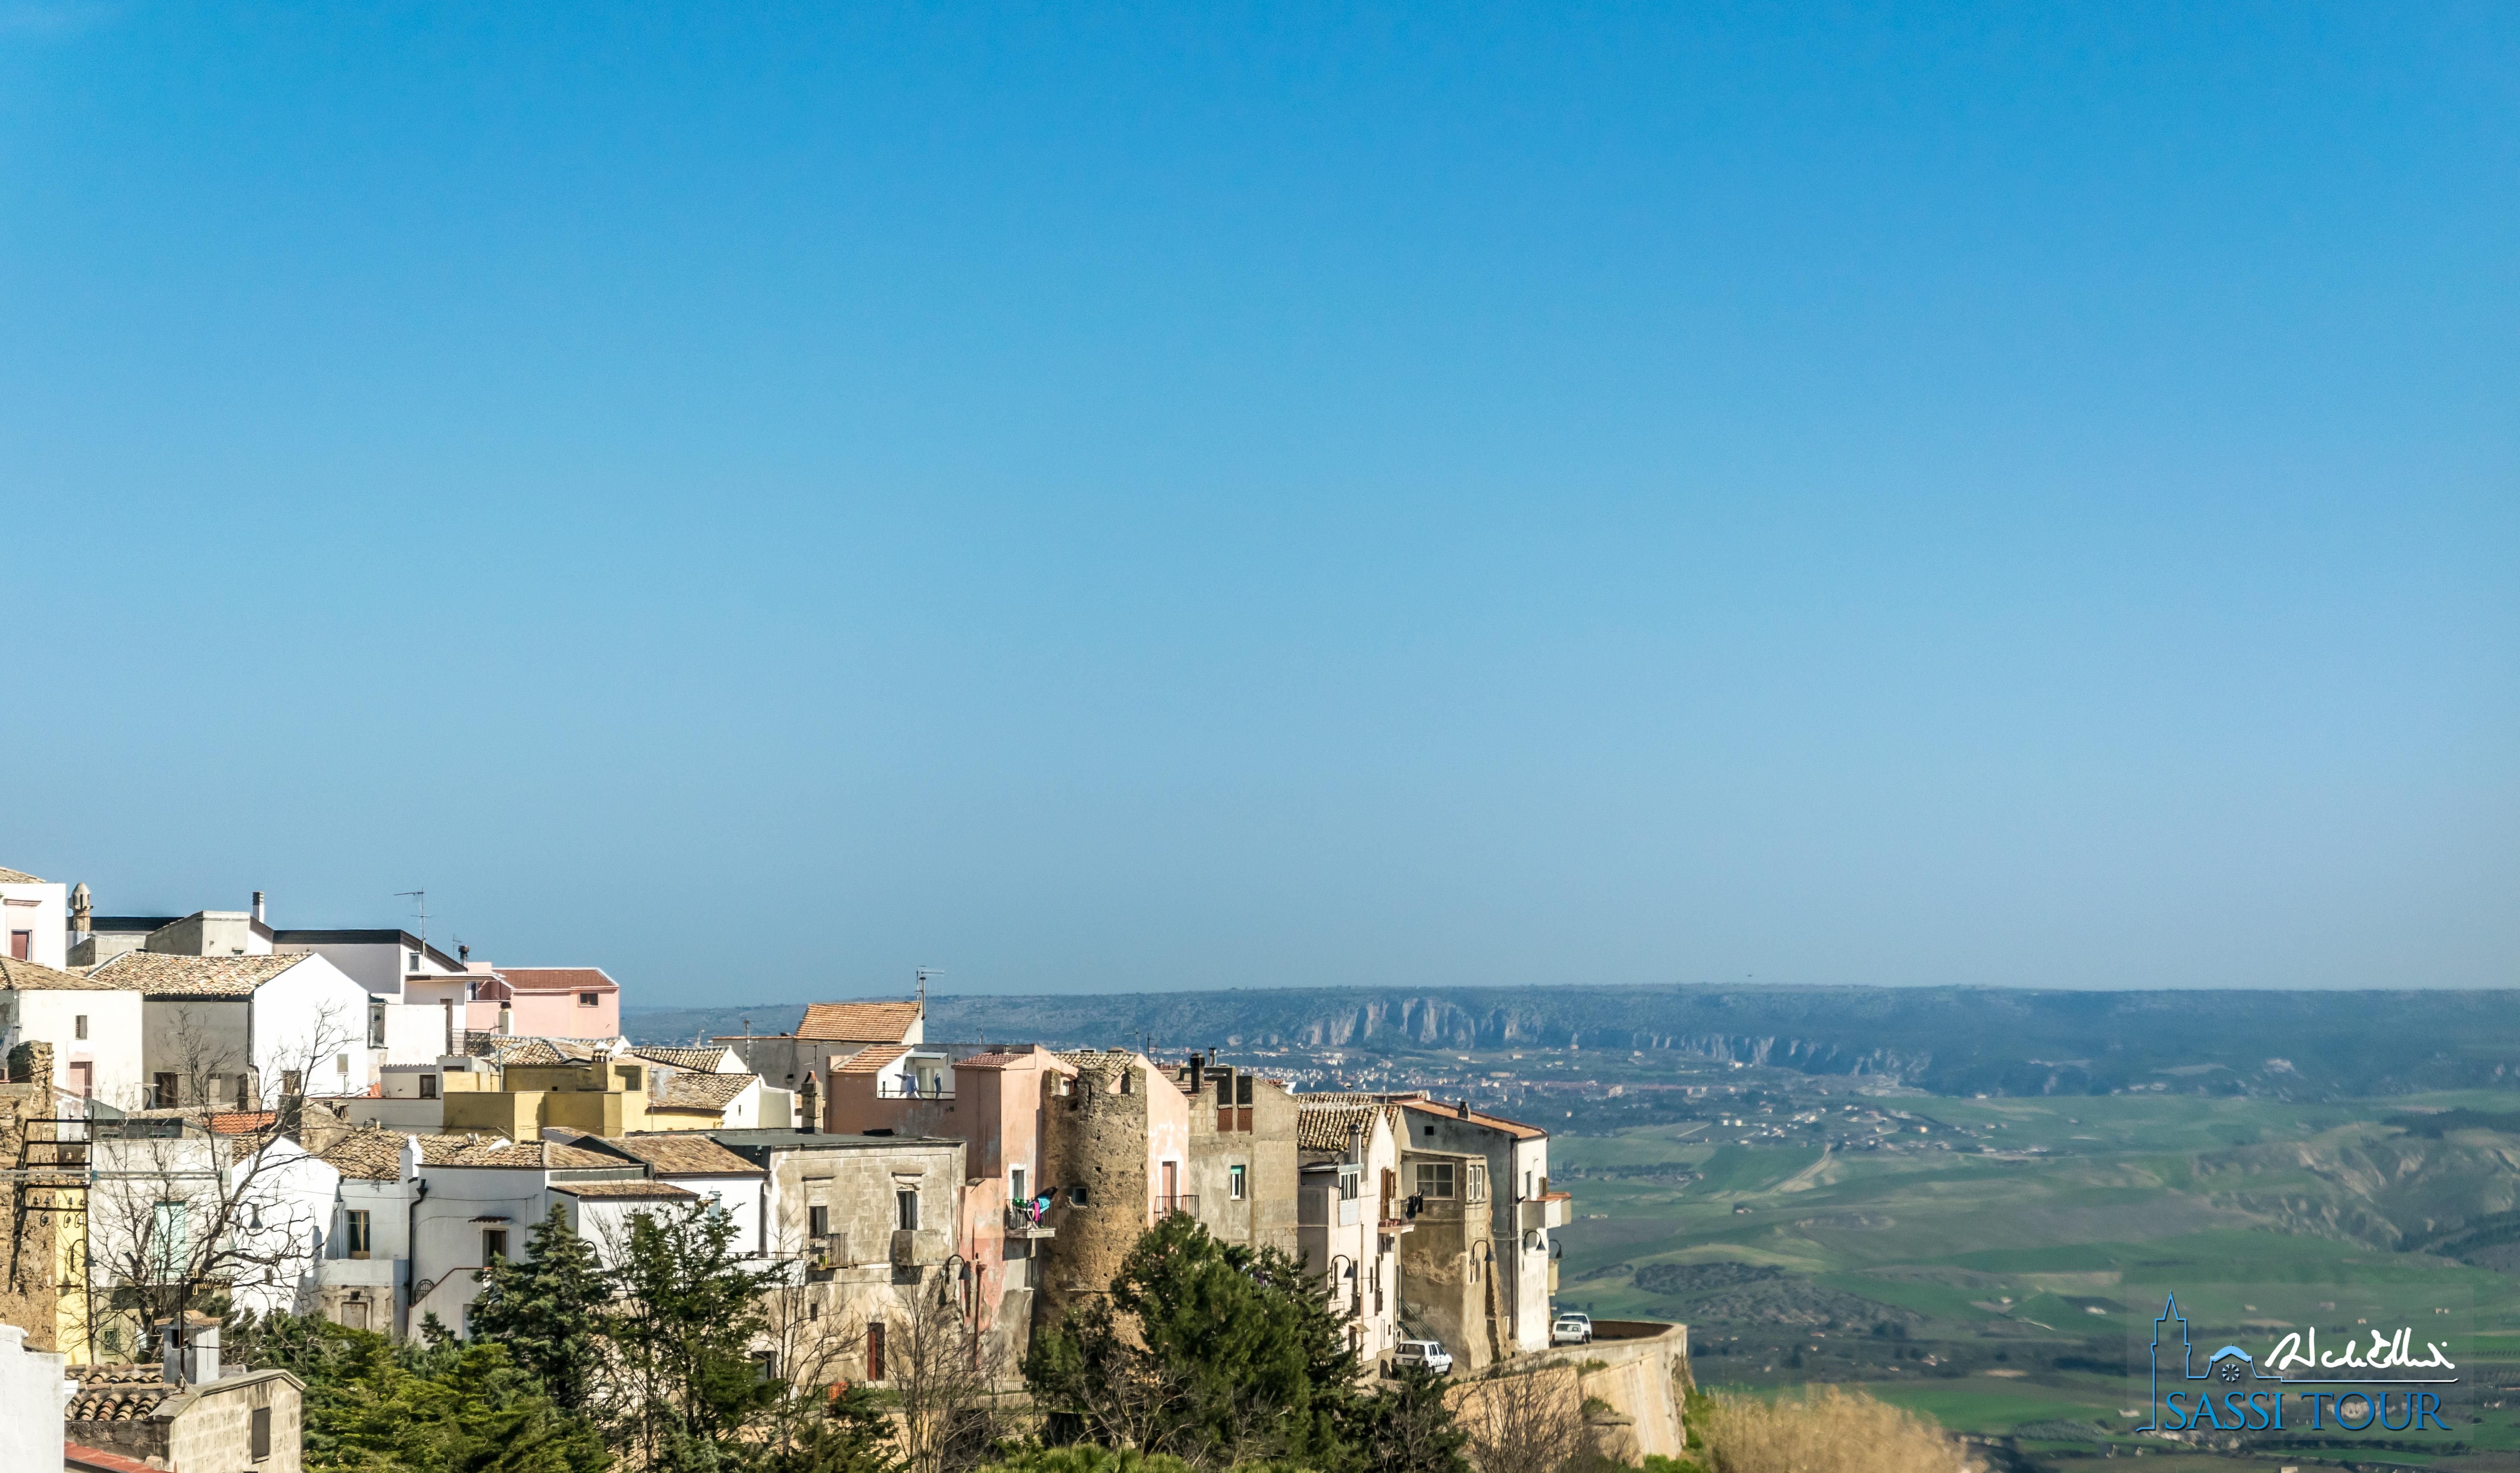 Vista dal castello di Miglionico verso Matera e la Murgia Materana.